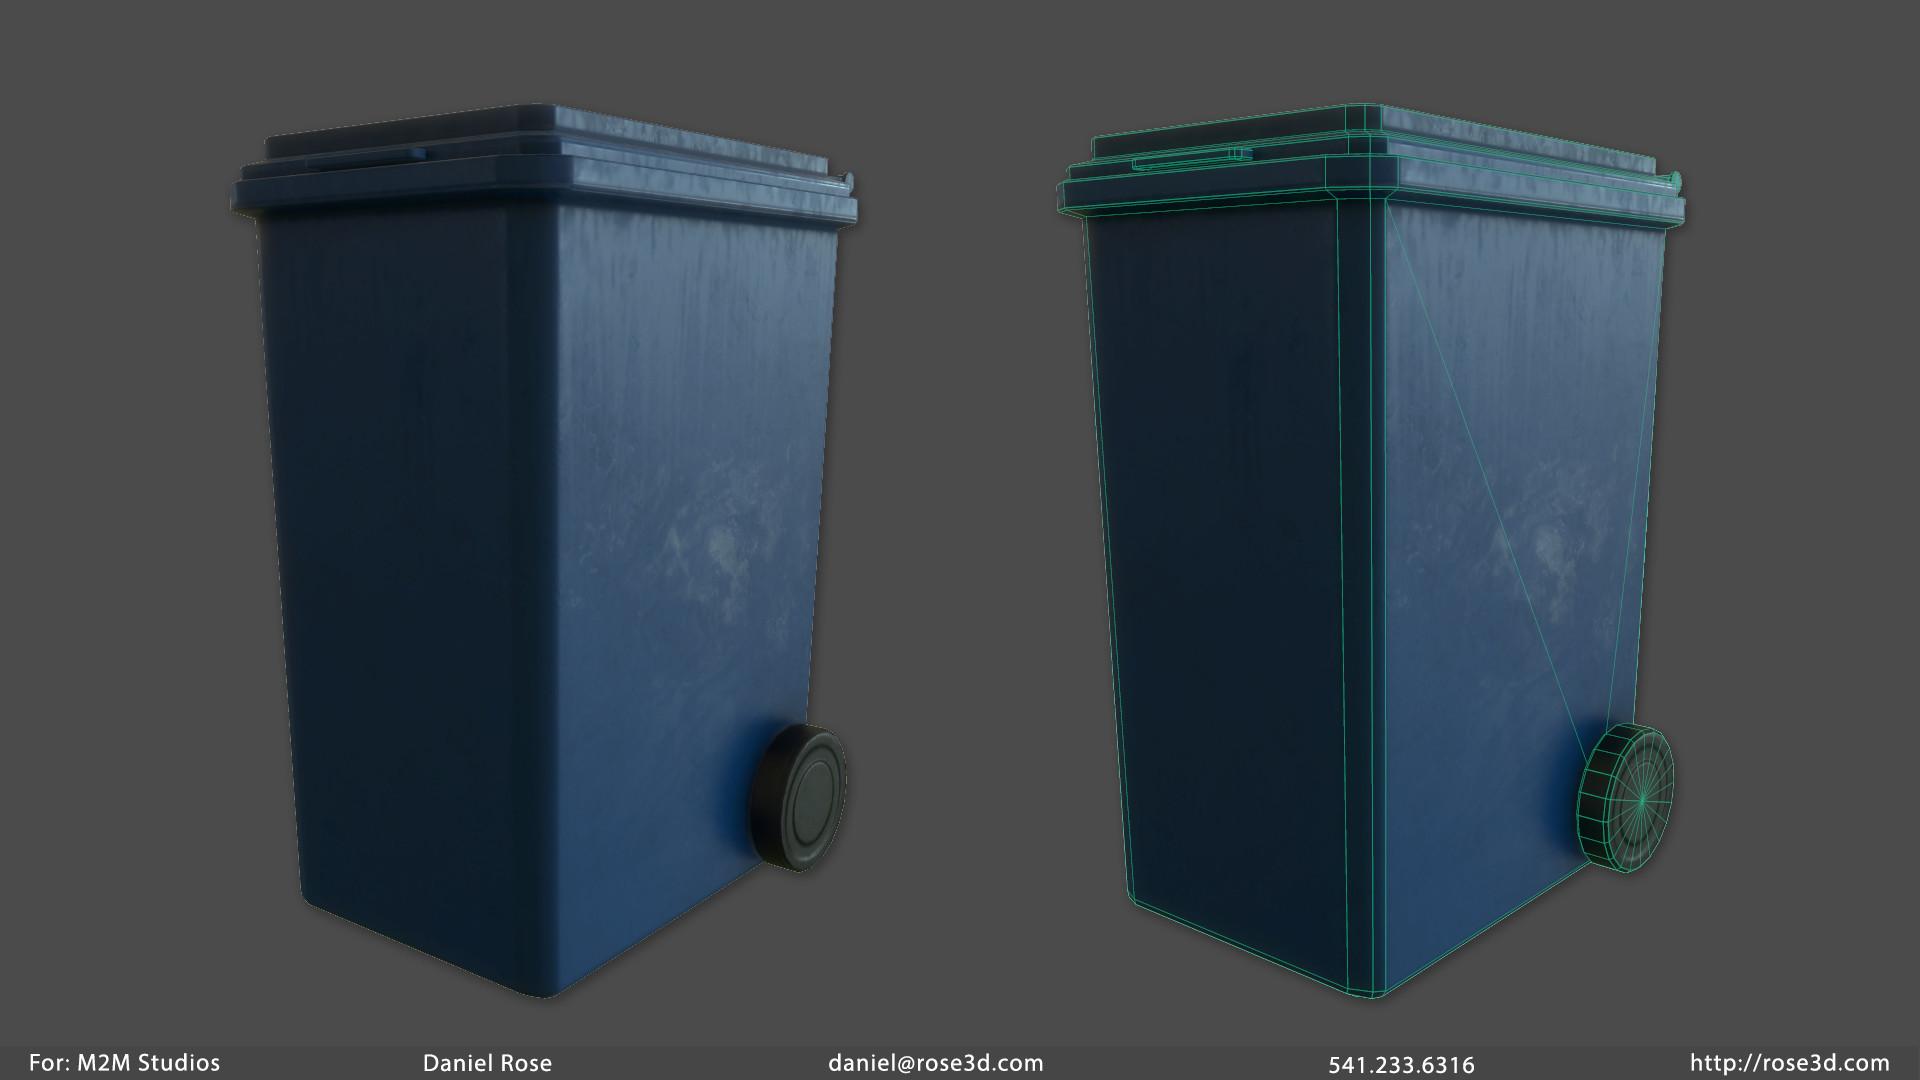 Daniel rose trashcan prop